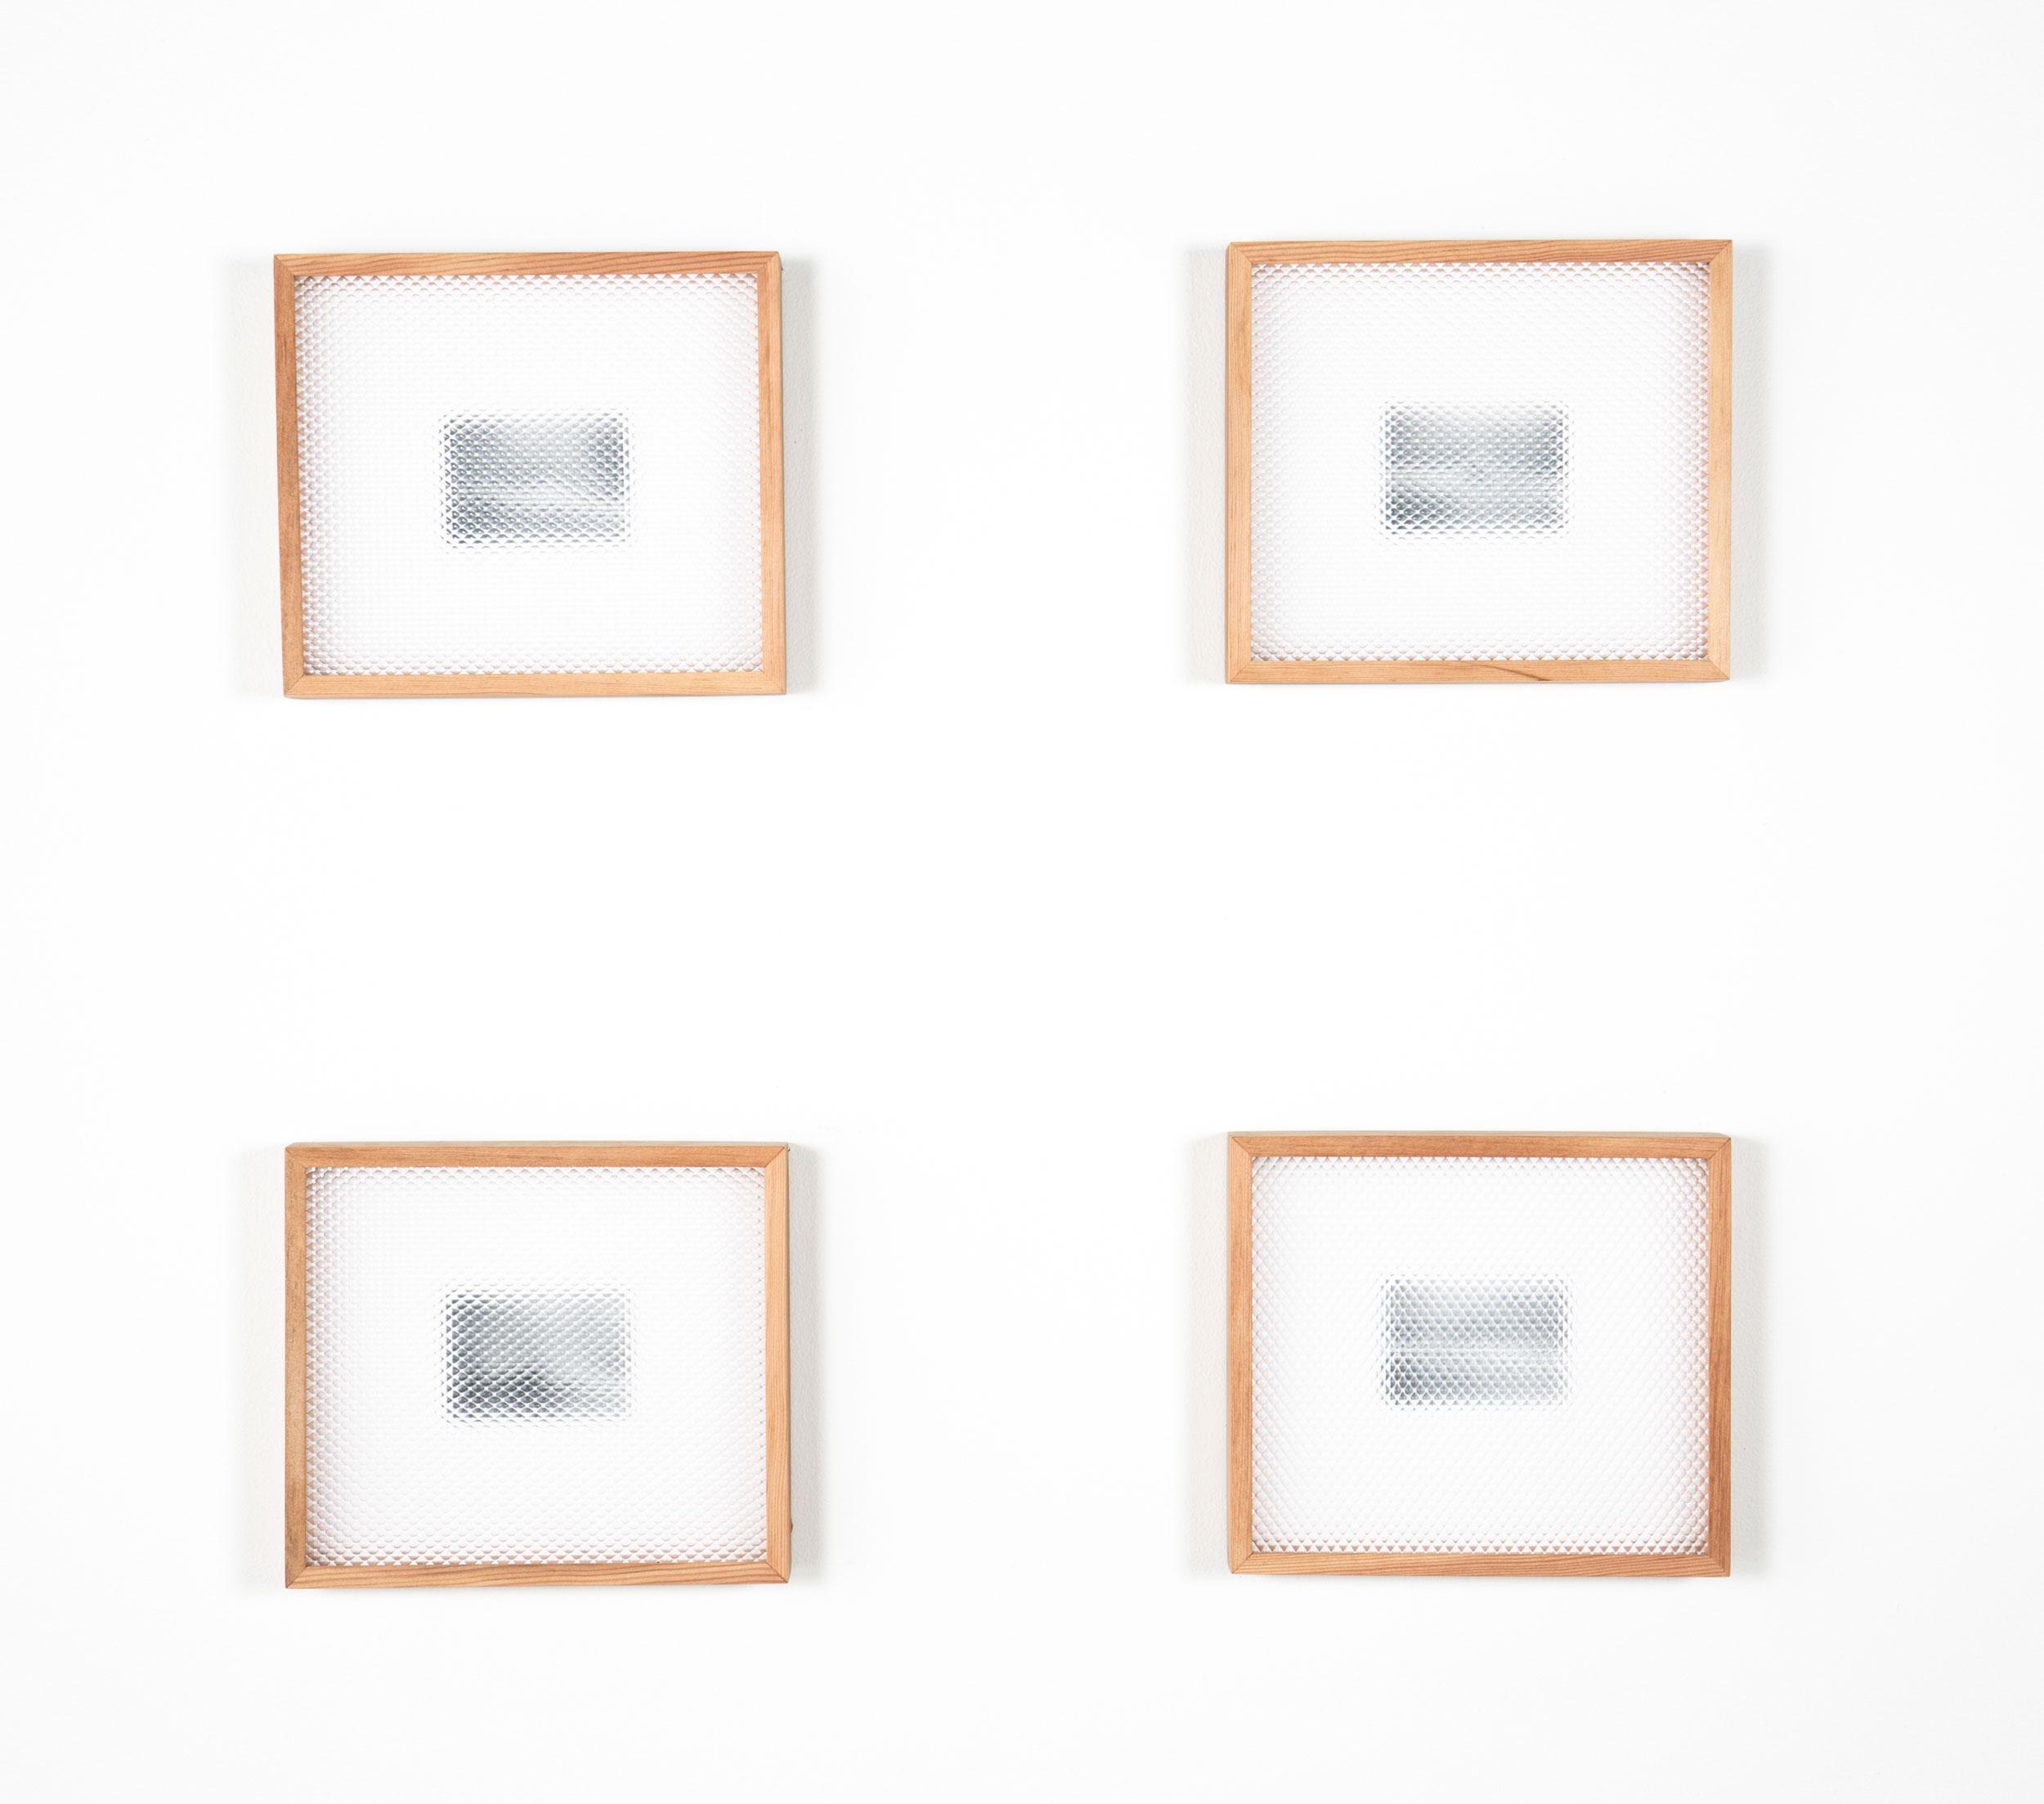 Obscured_Vistas-1.jpg